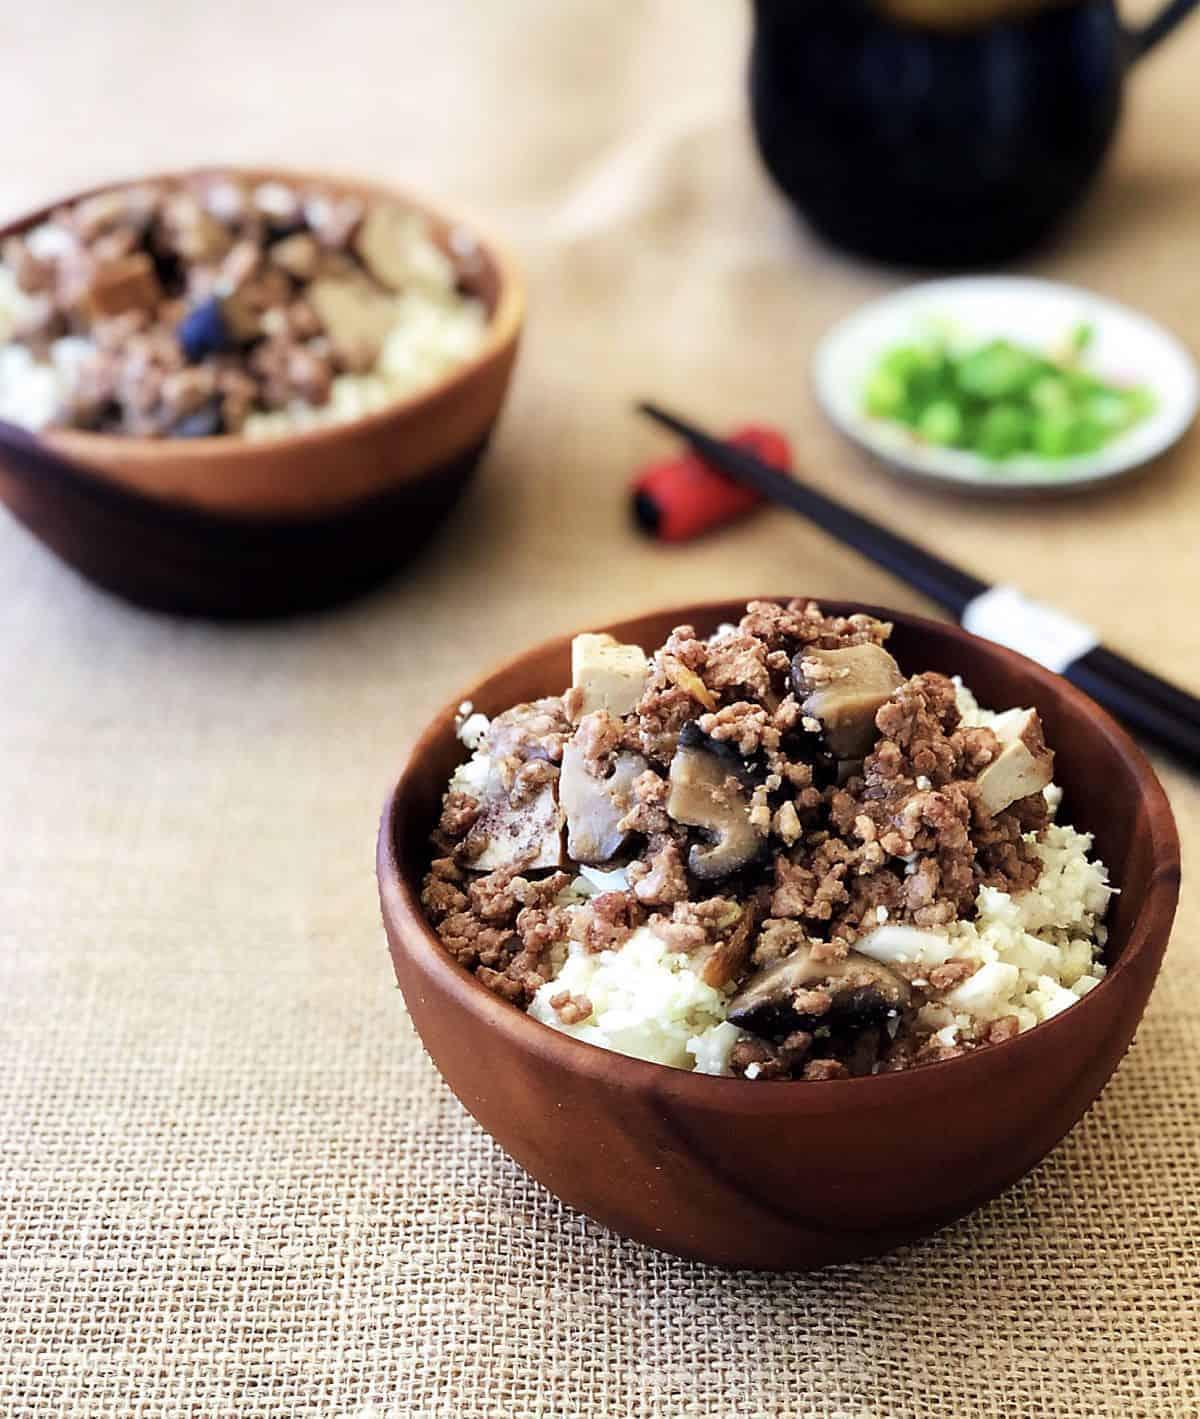 滷香菇豆干肉燥 – 讓肉燥更濃郁的秘方,用Instant Pot 壓力鍋超簡單